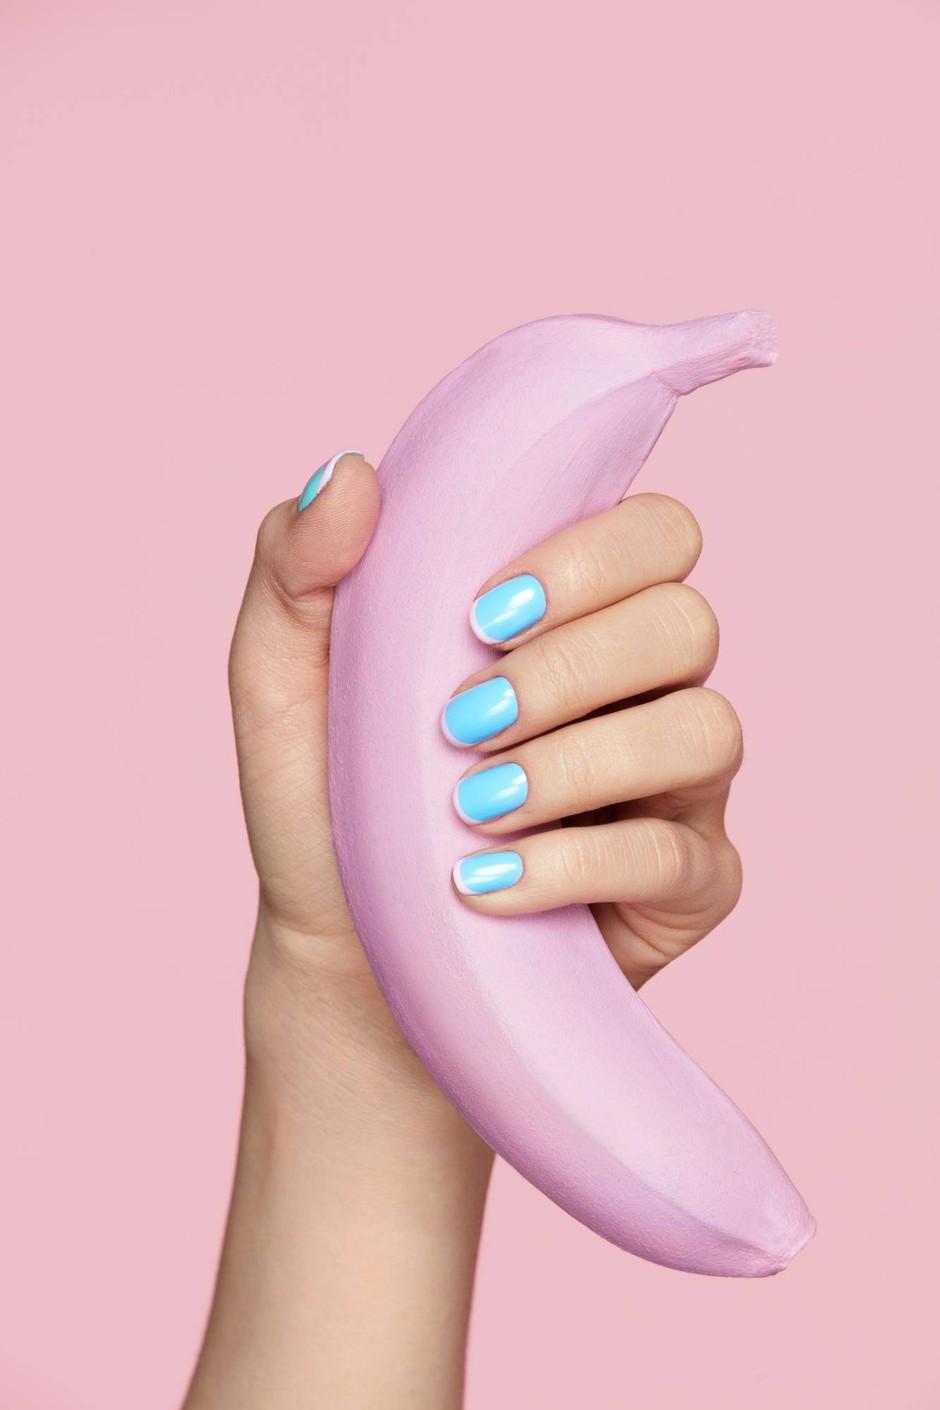 """""""Ker rada stikam, sem pogledala, kaj je bilo v paketu … Pumpica za povečanje penisa!"""" (+ druge neprijetne in smešne seks prigode) (foto: Shutterstock)"""